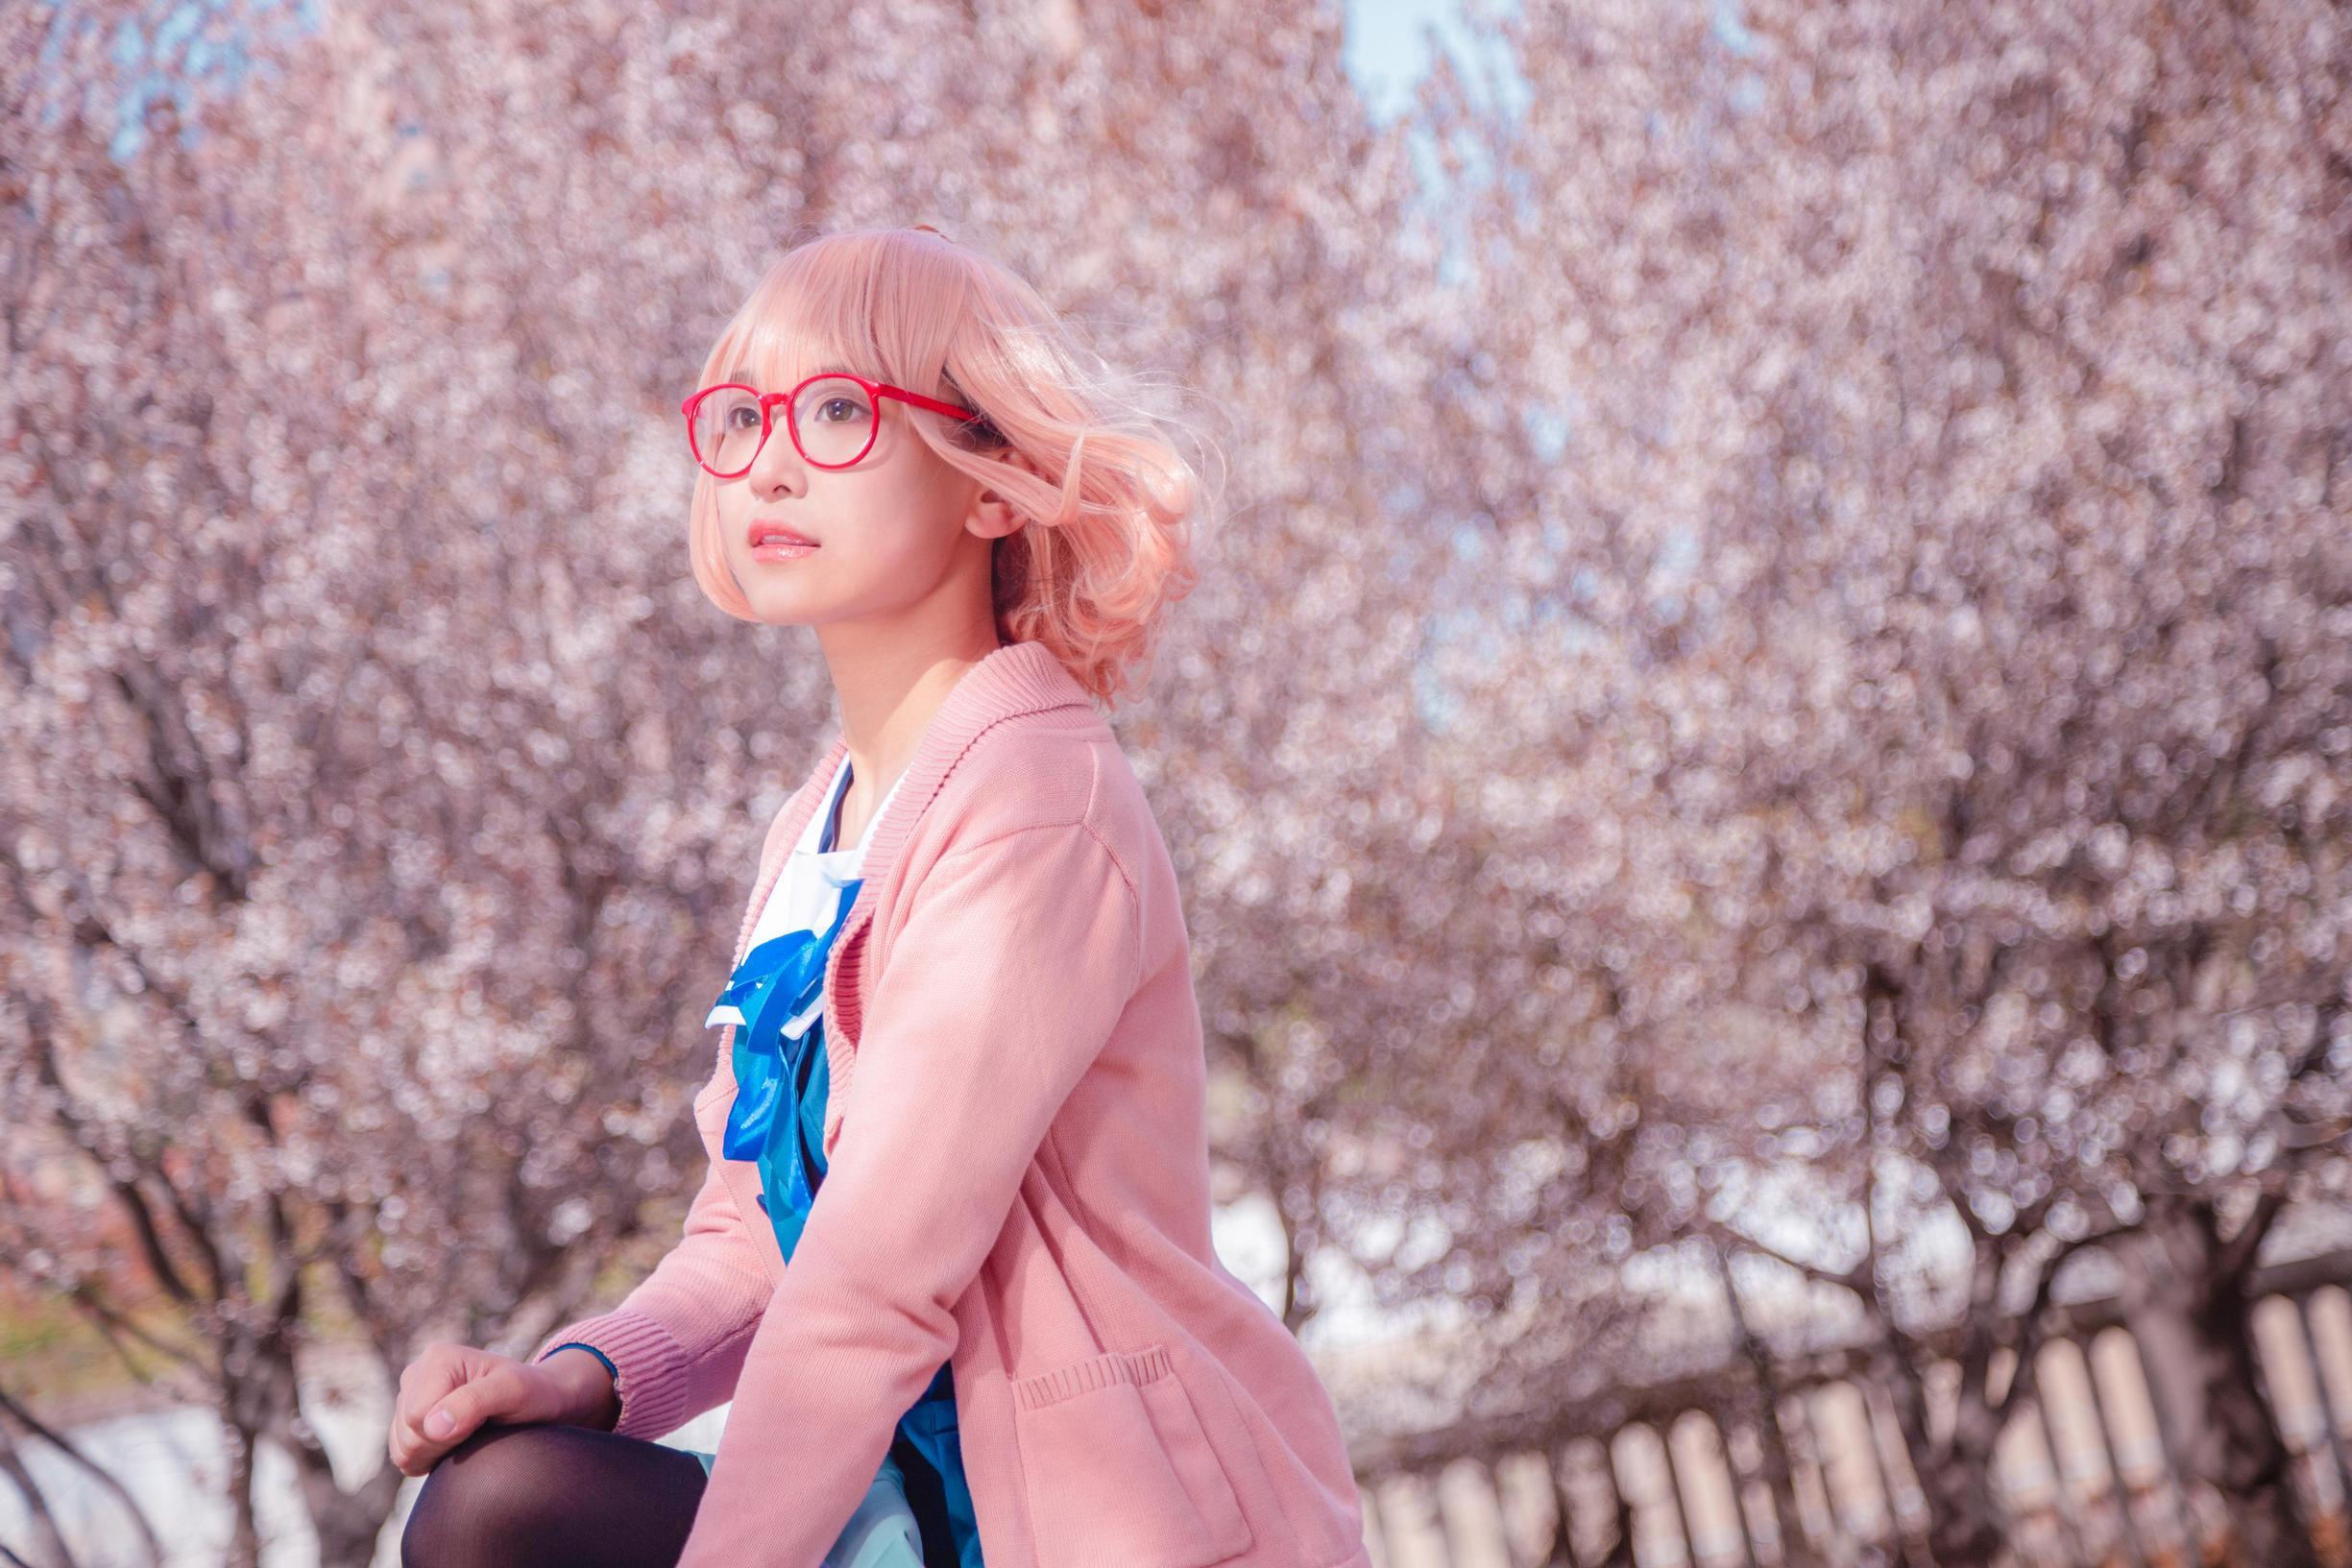 《境界的彼方》正片cosplay【CN:Kanna鹤见】-第1张